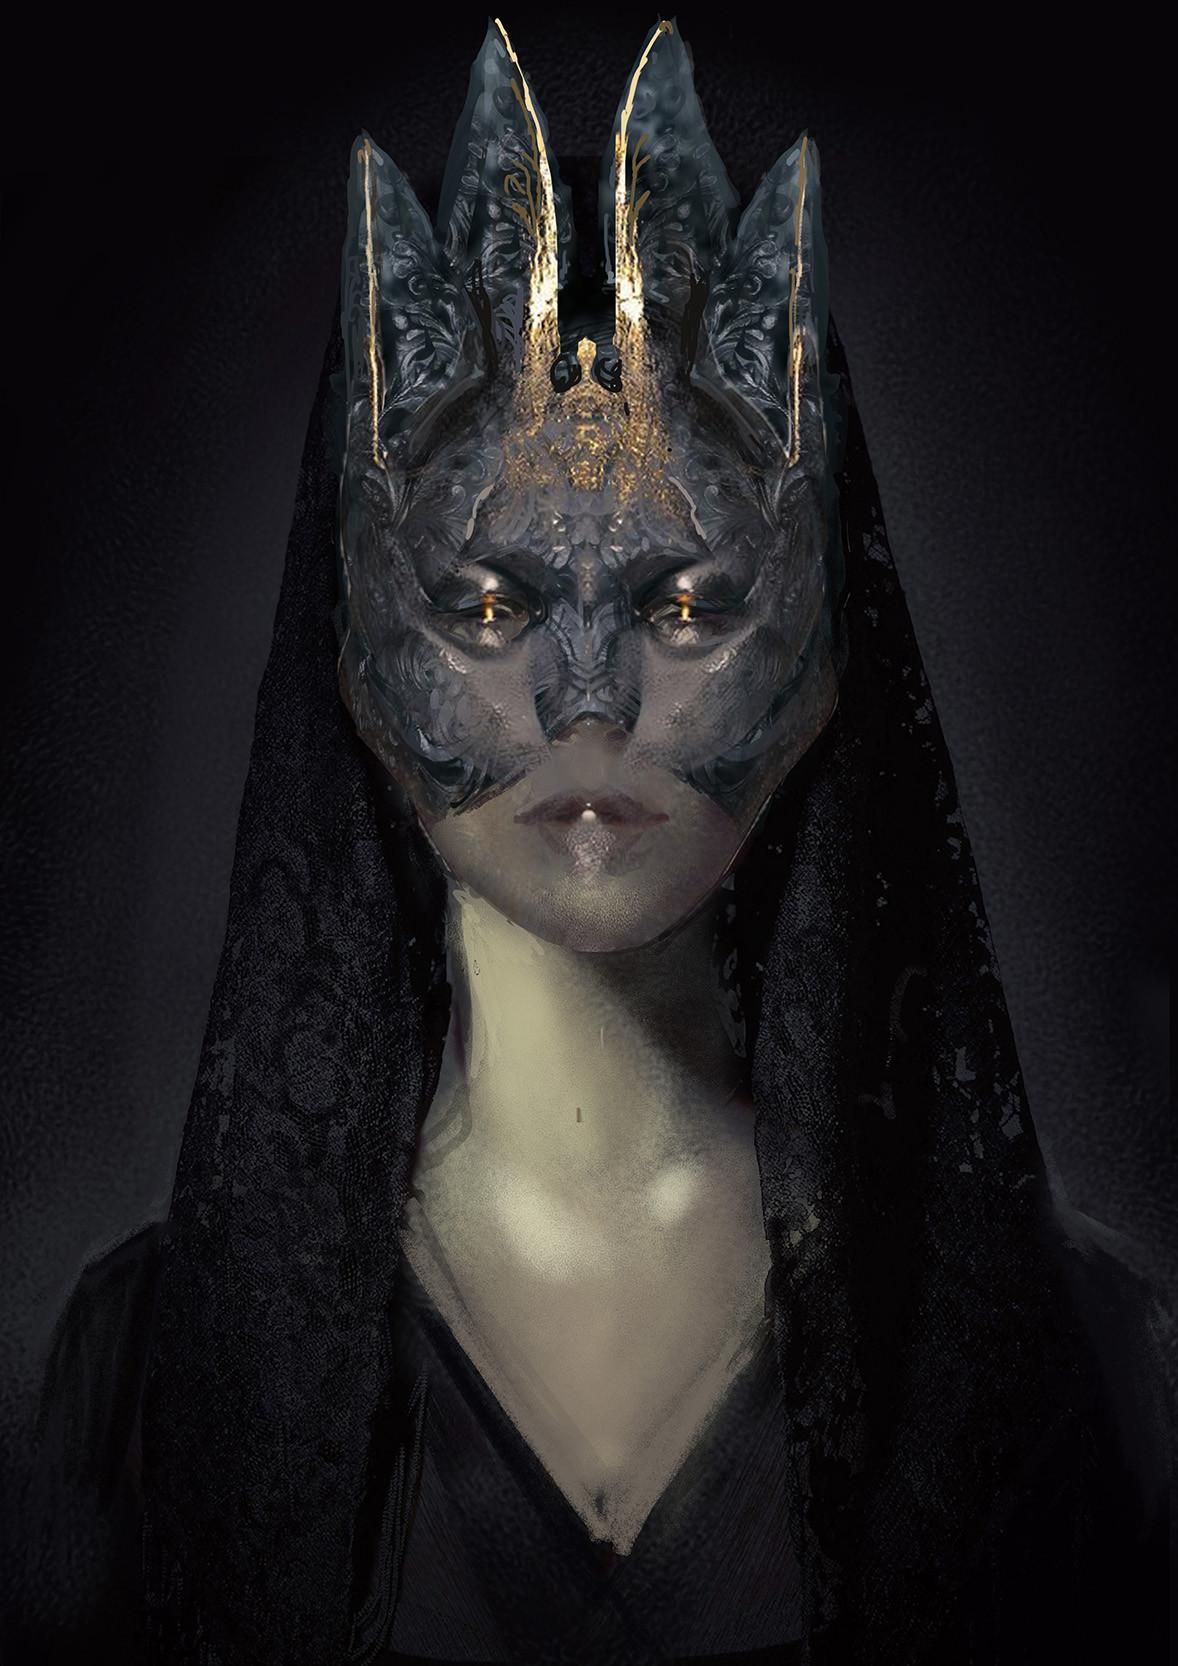 Andrei riabovitchev ec princess masks v001 005 ar